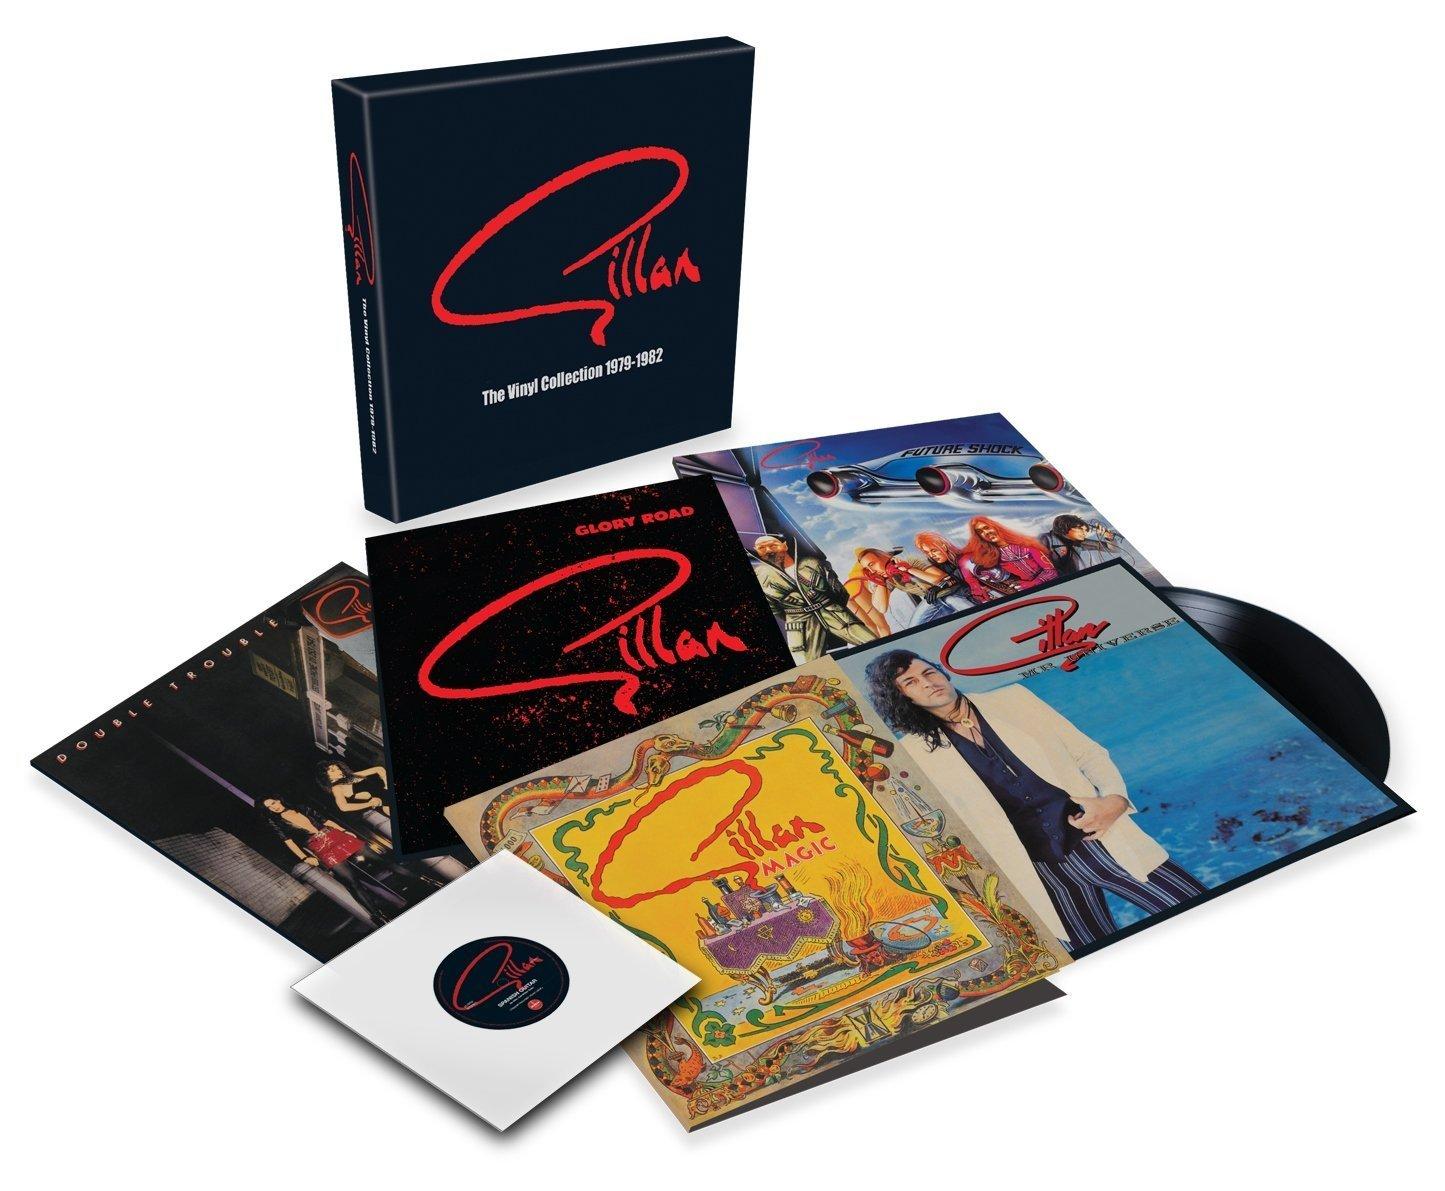 Gillan LP box pack shot